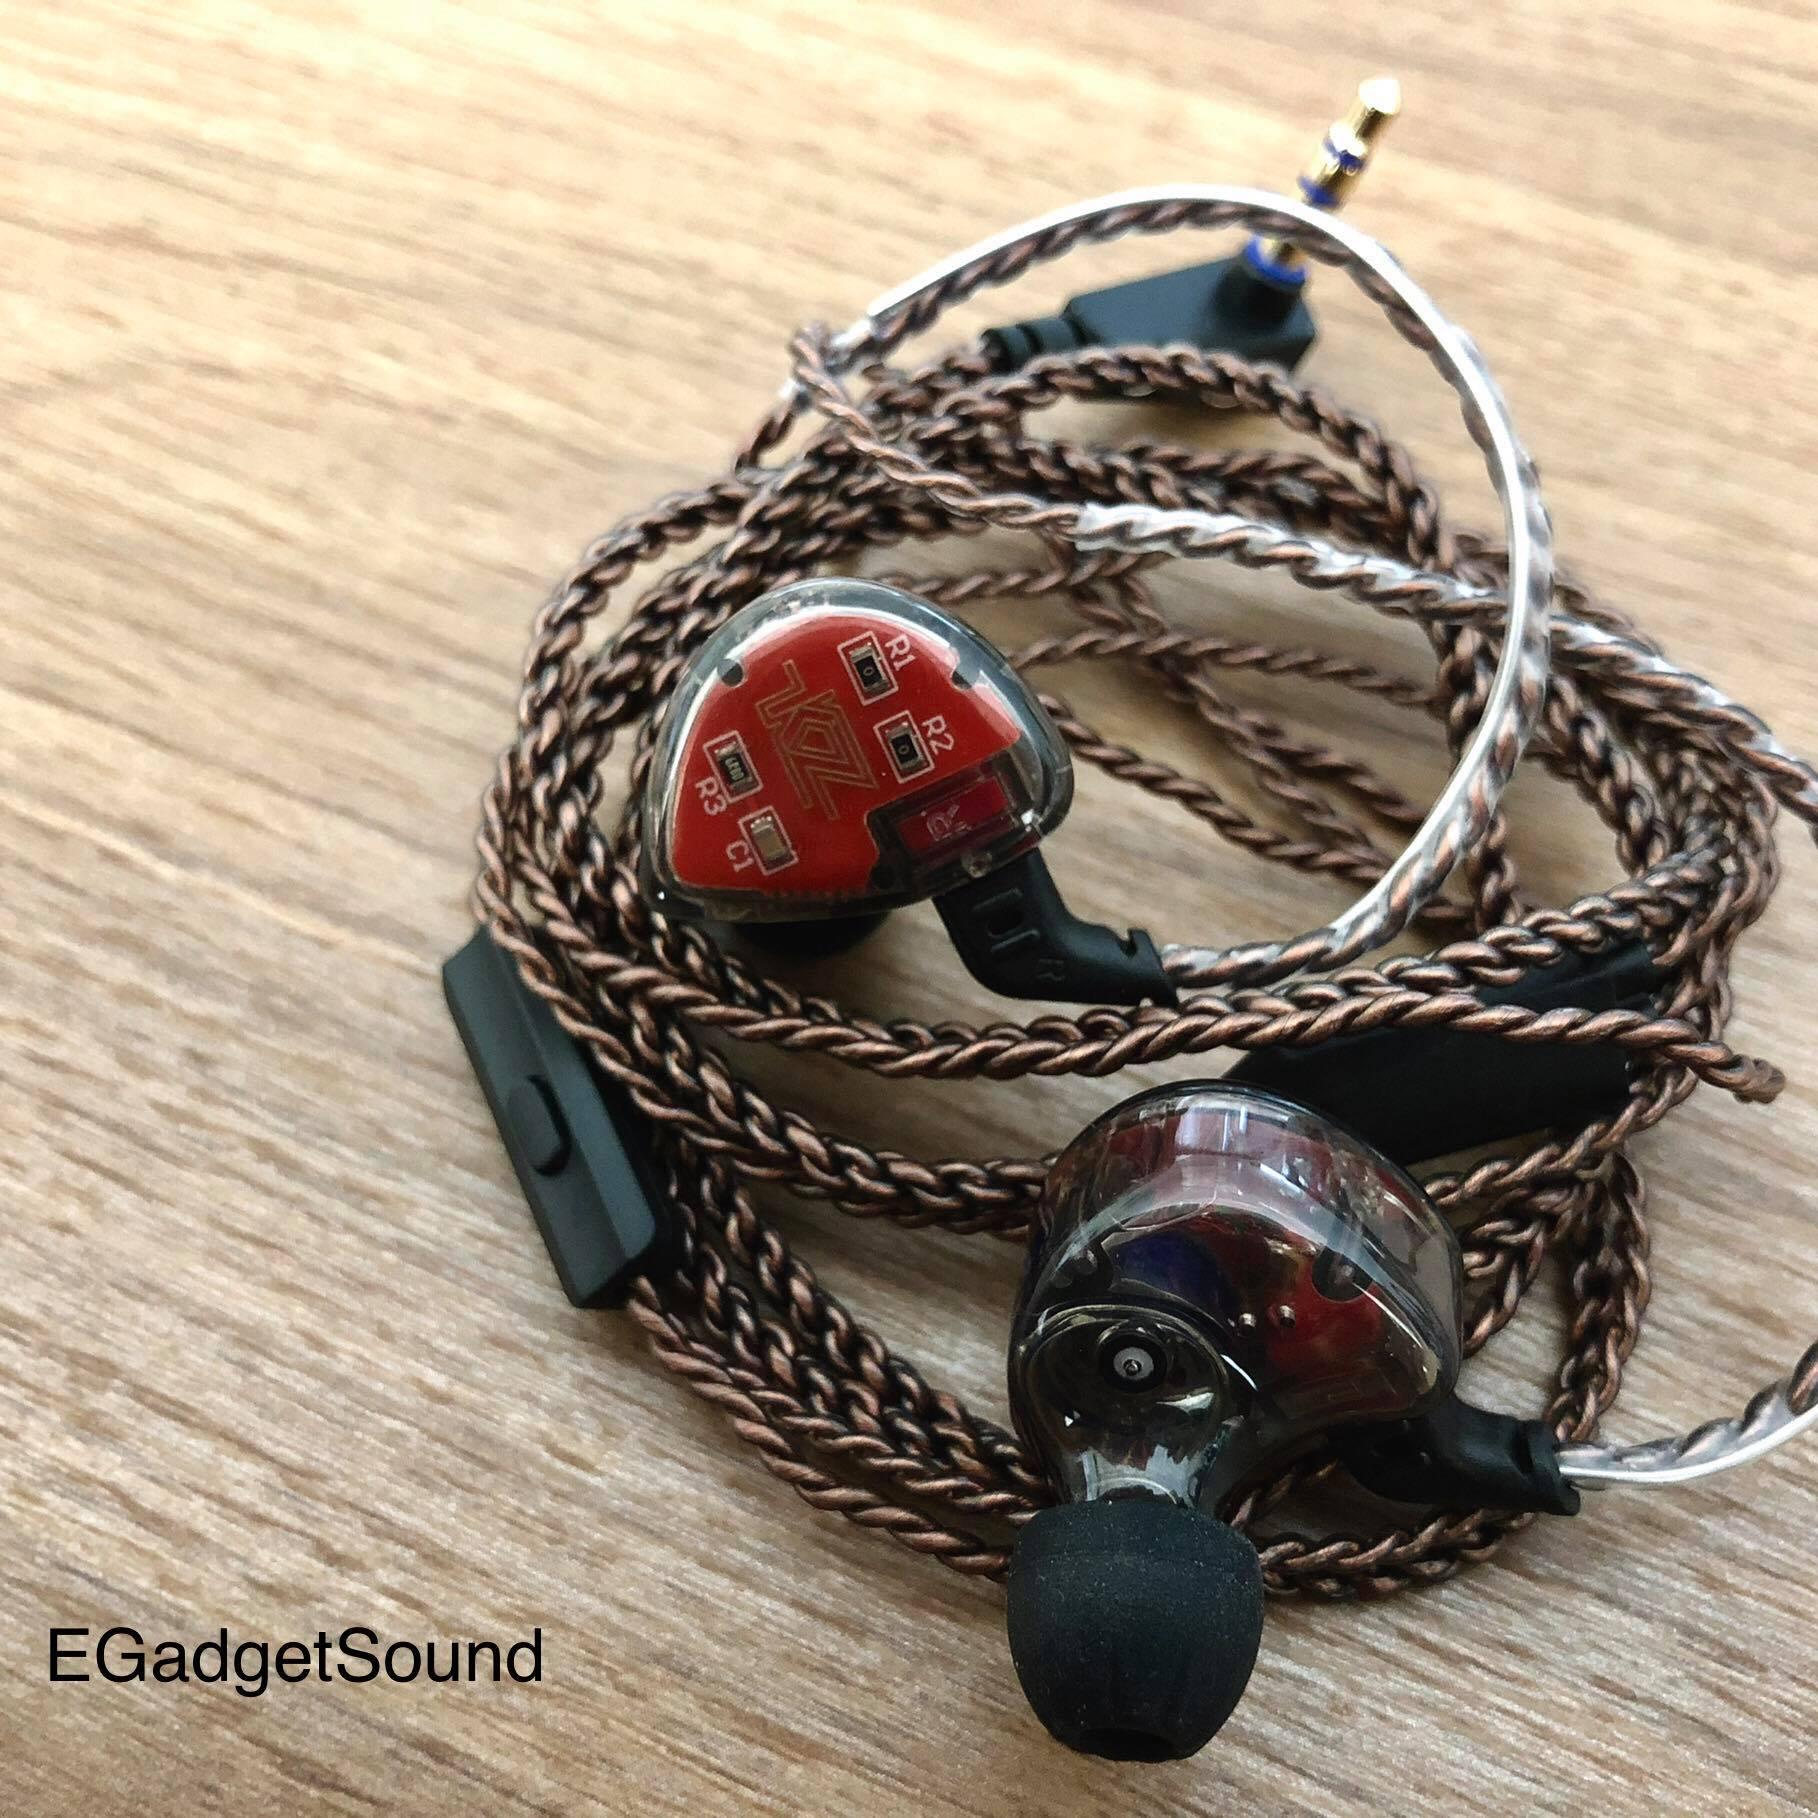 KZ หูฟังรุ่น ES4 สีดำ (มีไมค์) หูฟัง Hybrid 1BA+1DD ไดร์เวอร์ ถอดเปลี่ยนสายได้ ประกัน 6 เดือน